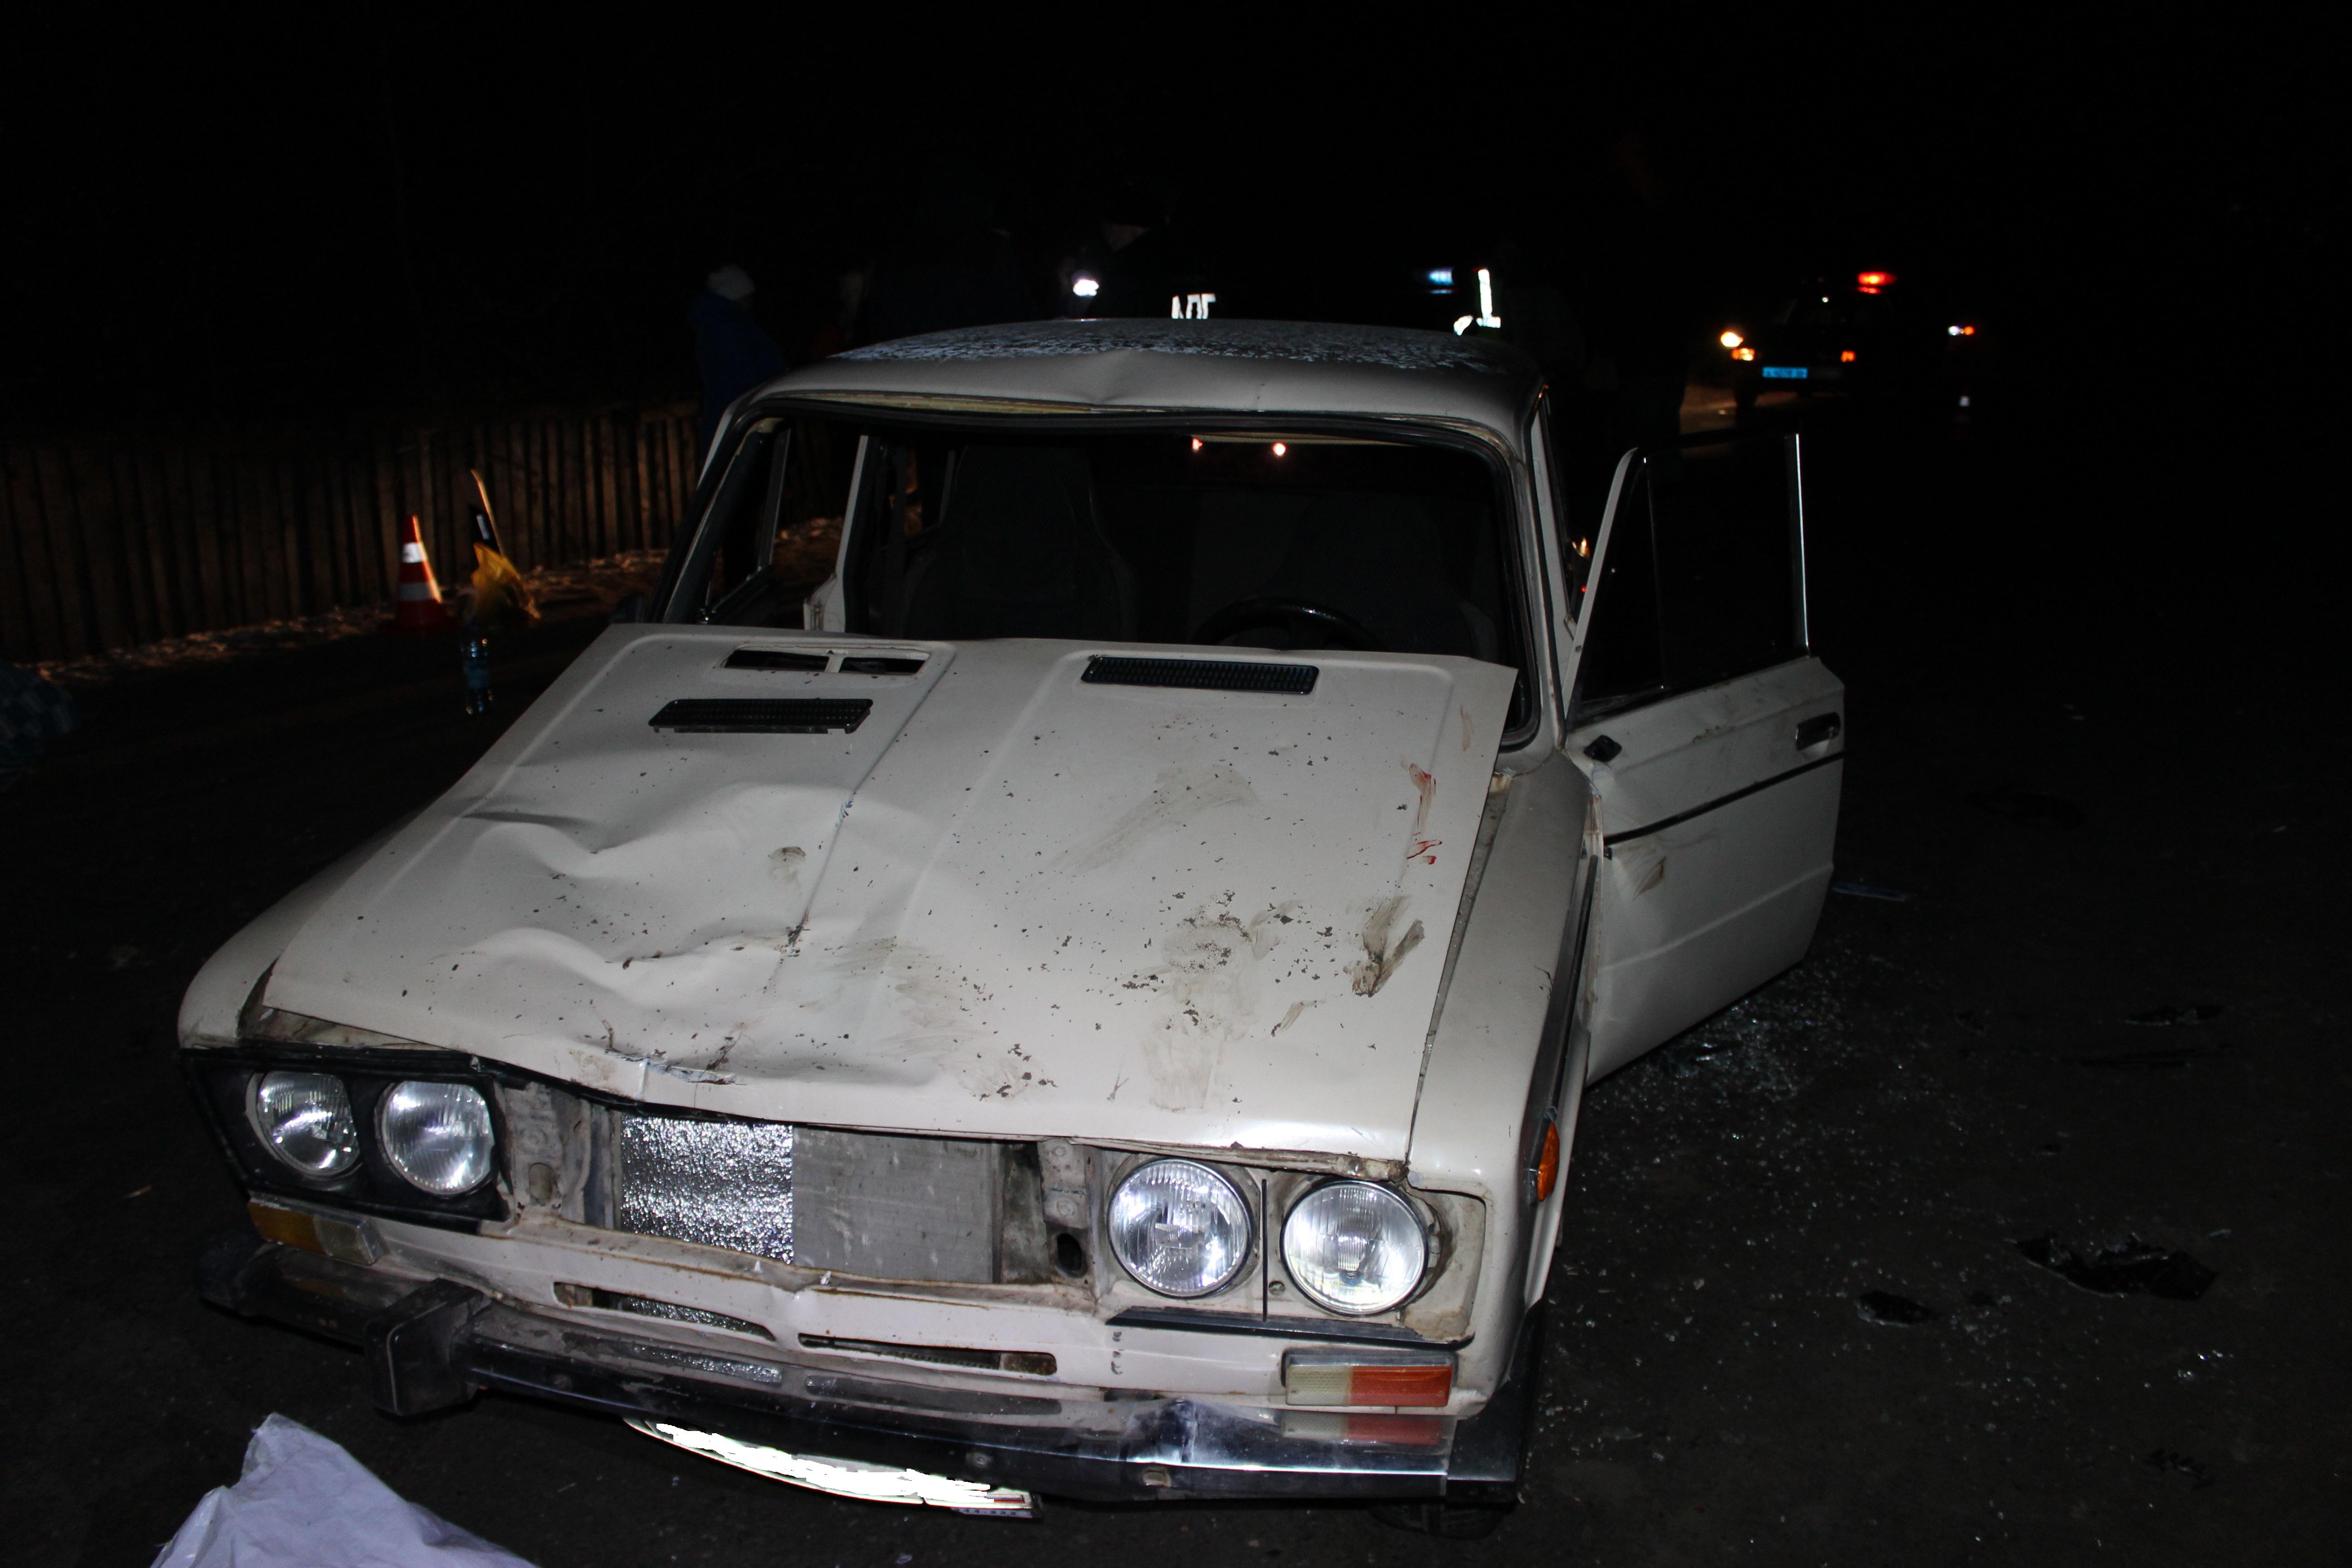 Ночью в селе Петрокаменское ВАЗ сбил трех пешеходов